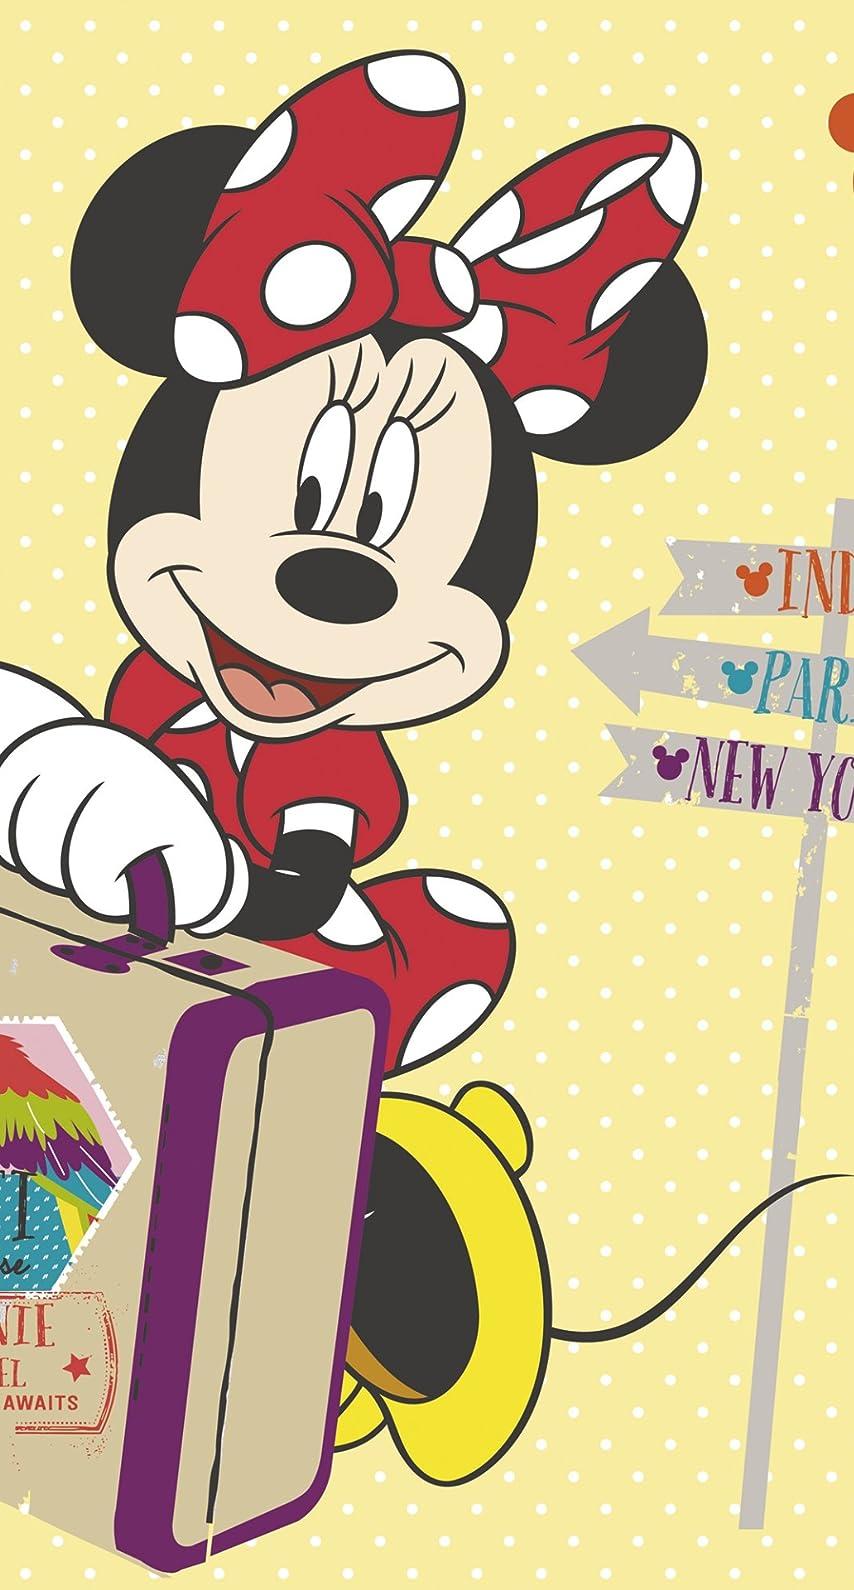 ディズニー ミニーマウス iPhone8/7/6s/6 壁紙 視差効果 画像38768 スマポ